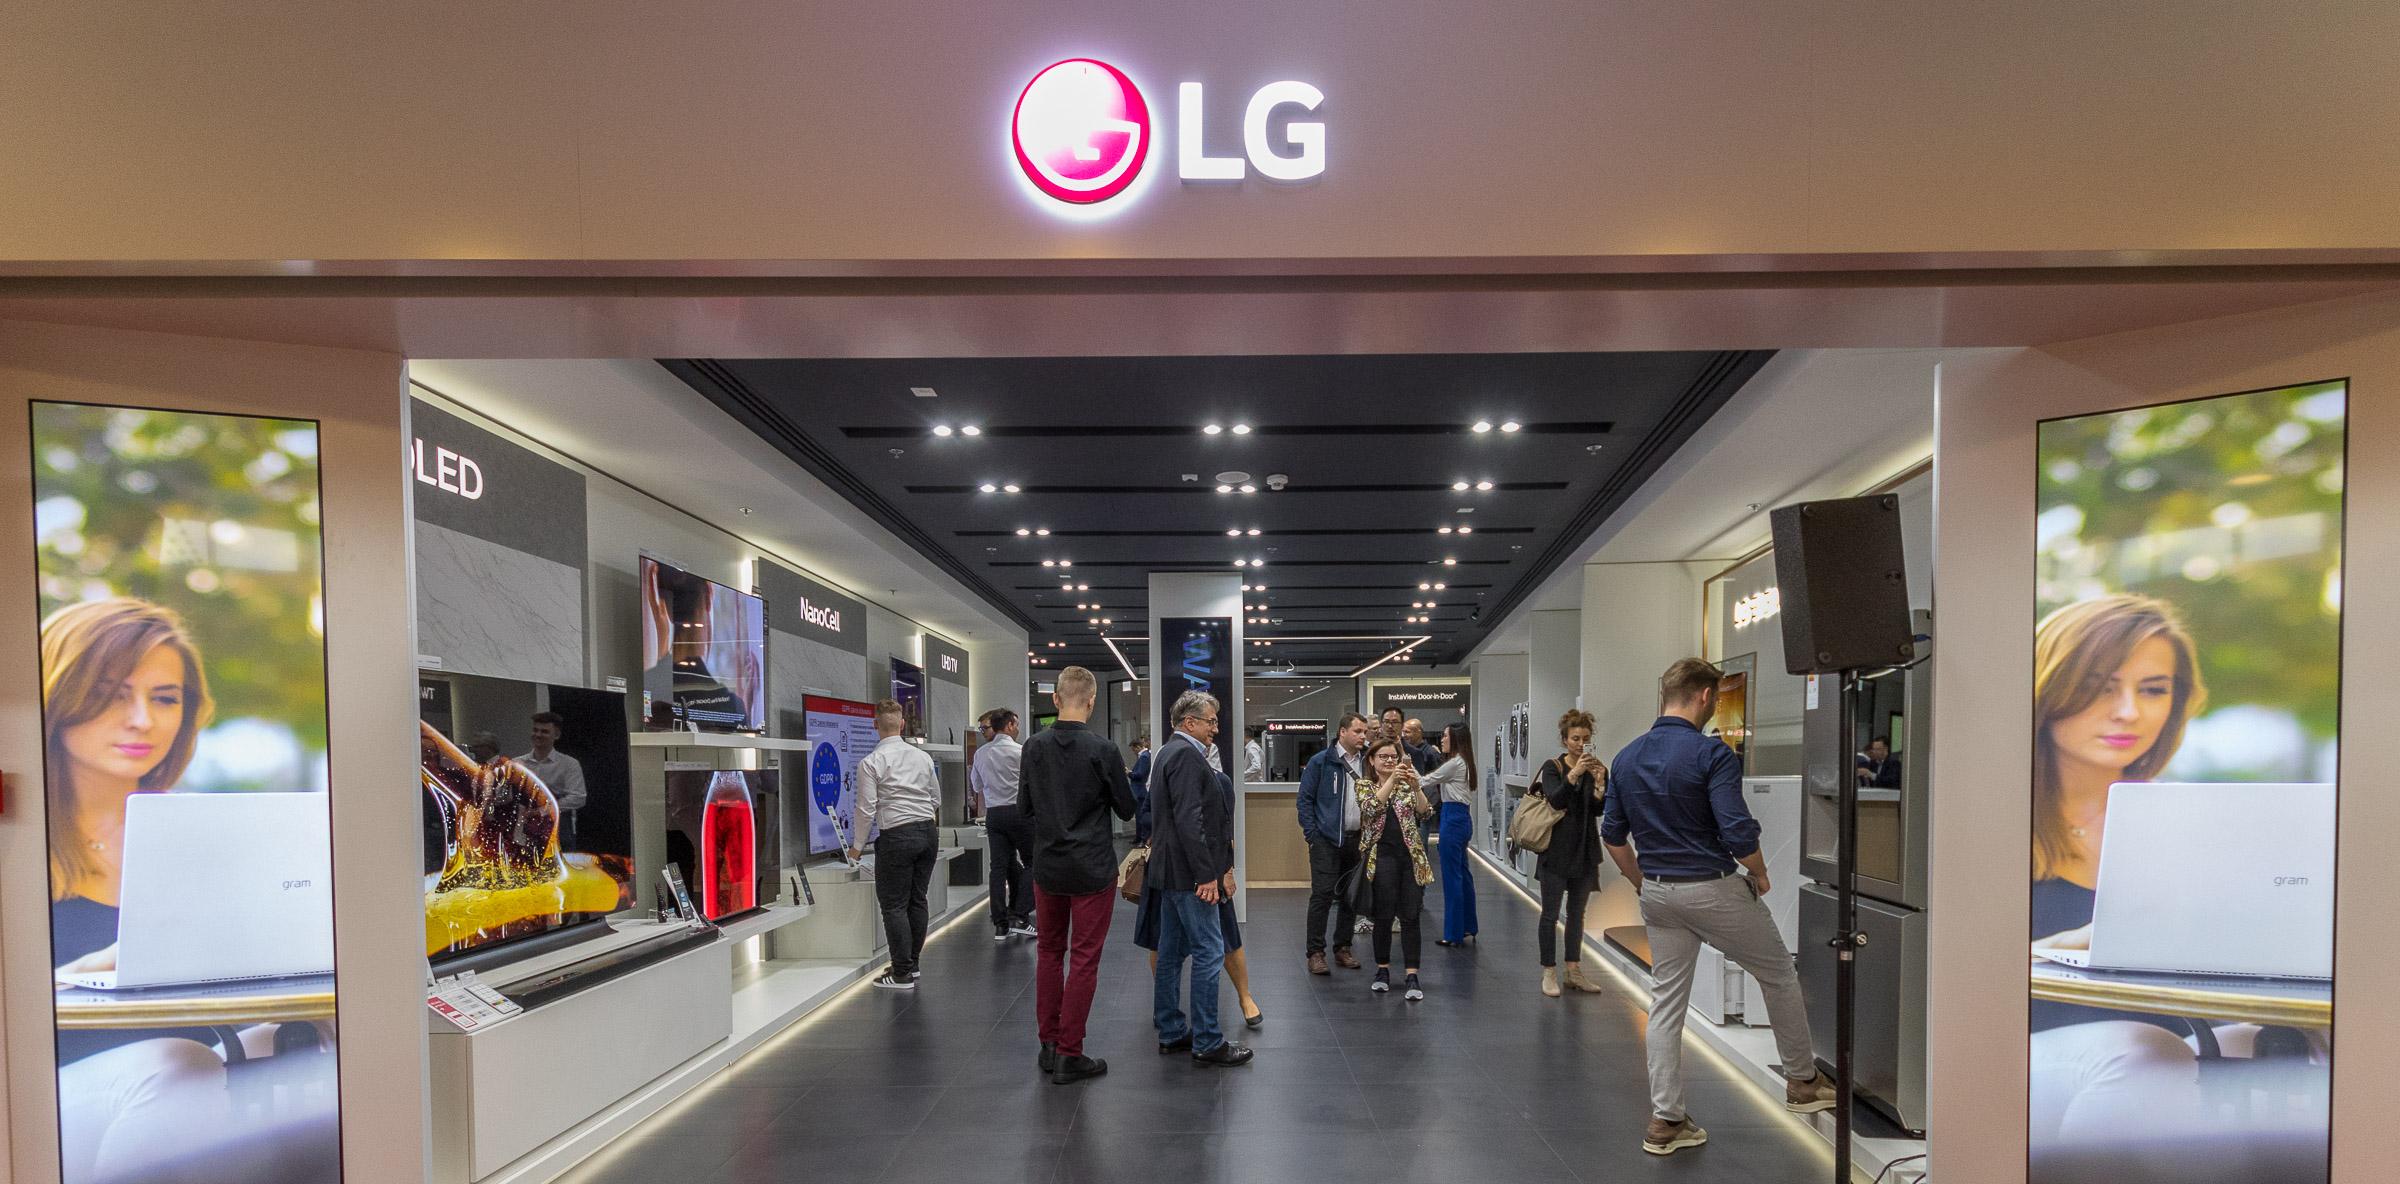 Europan lehen LG marka denda ireki berri da Polonian.  Horrela da barrua